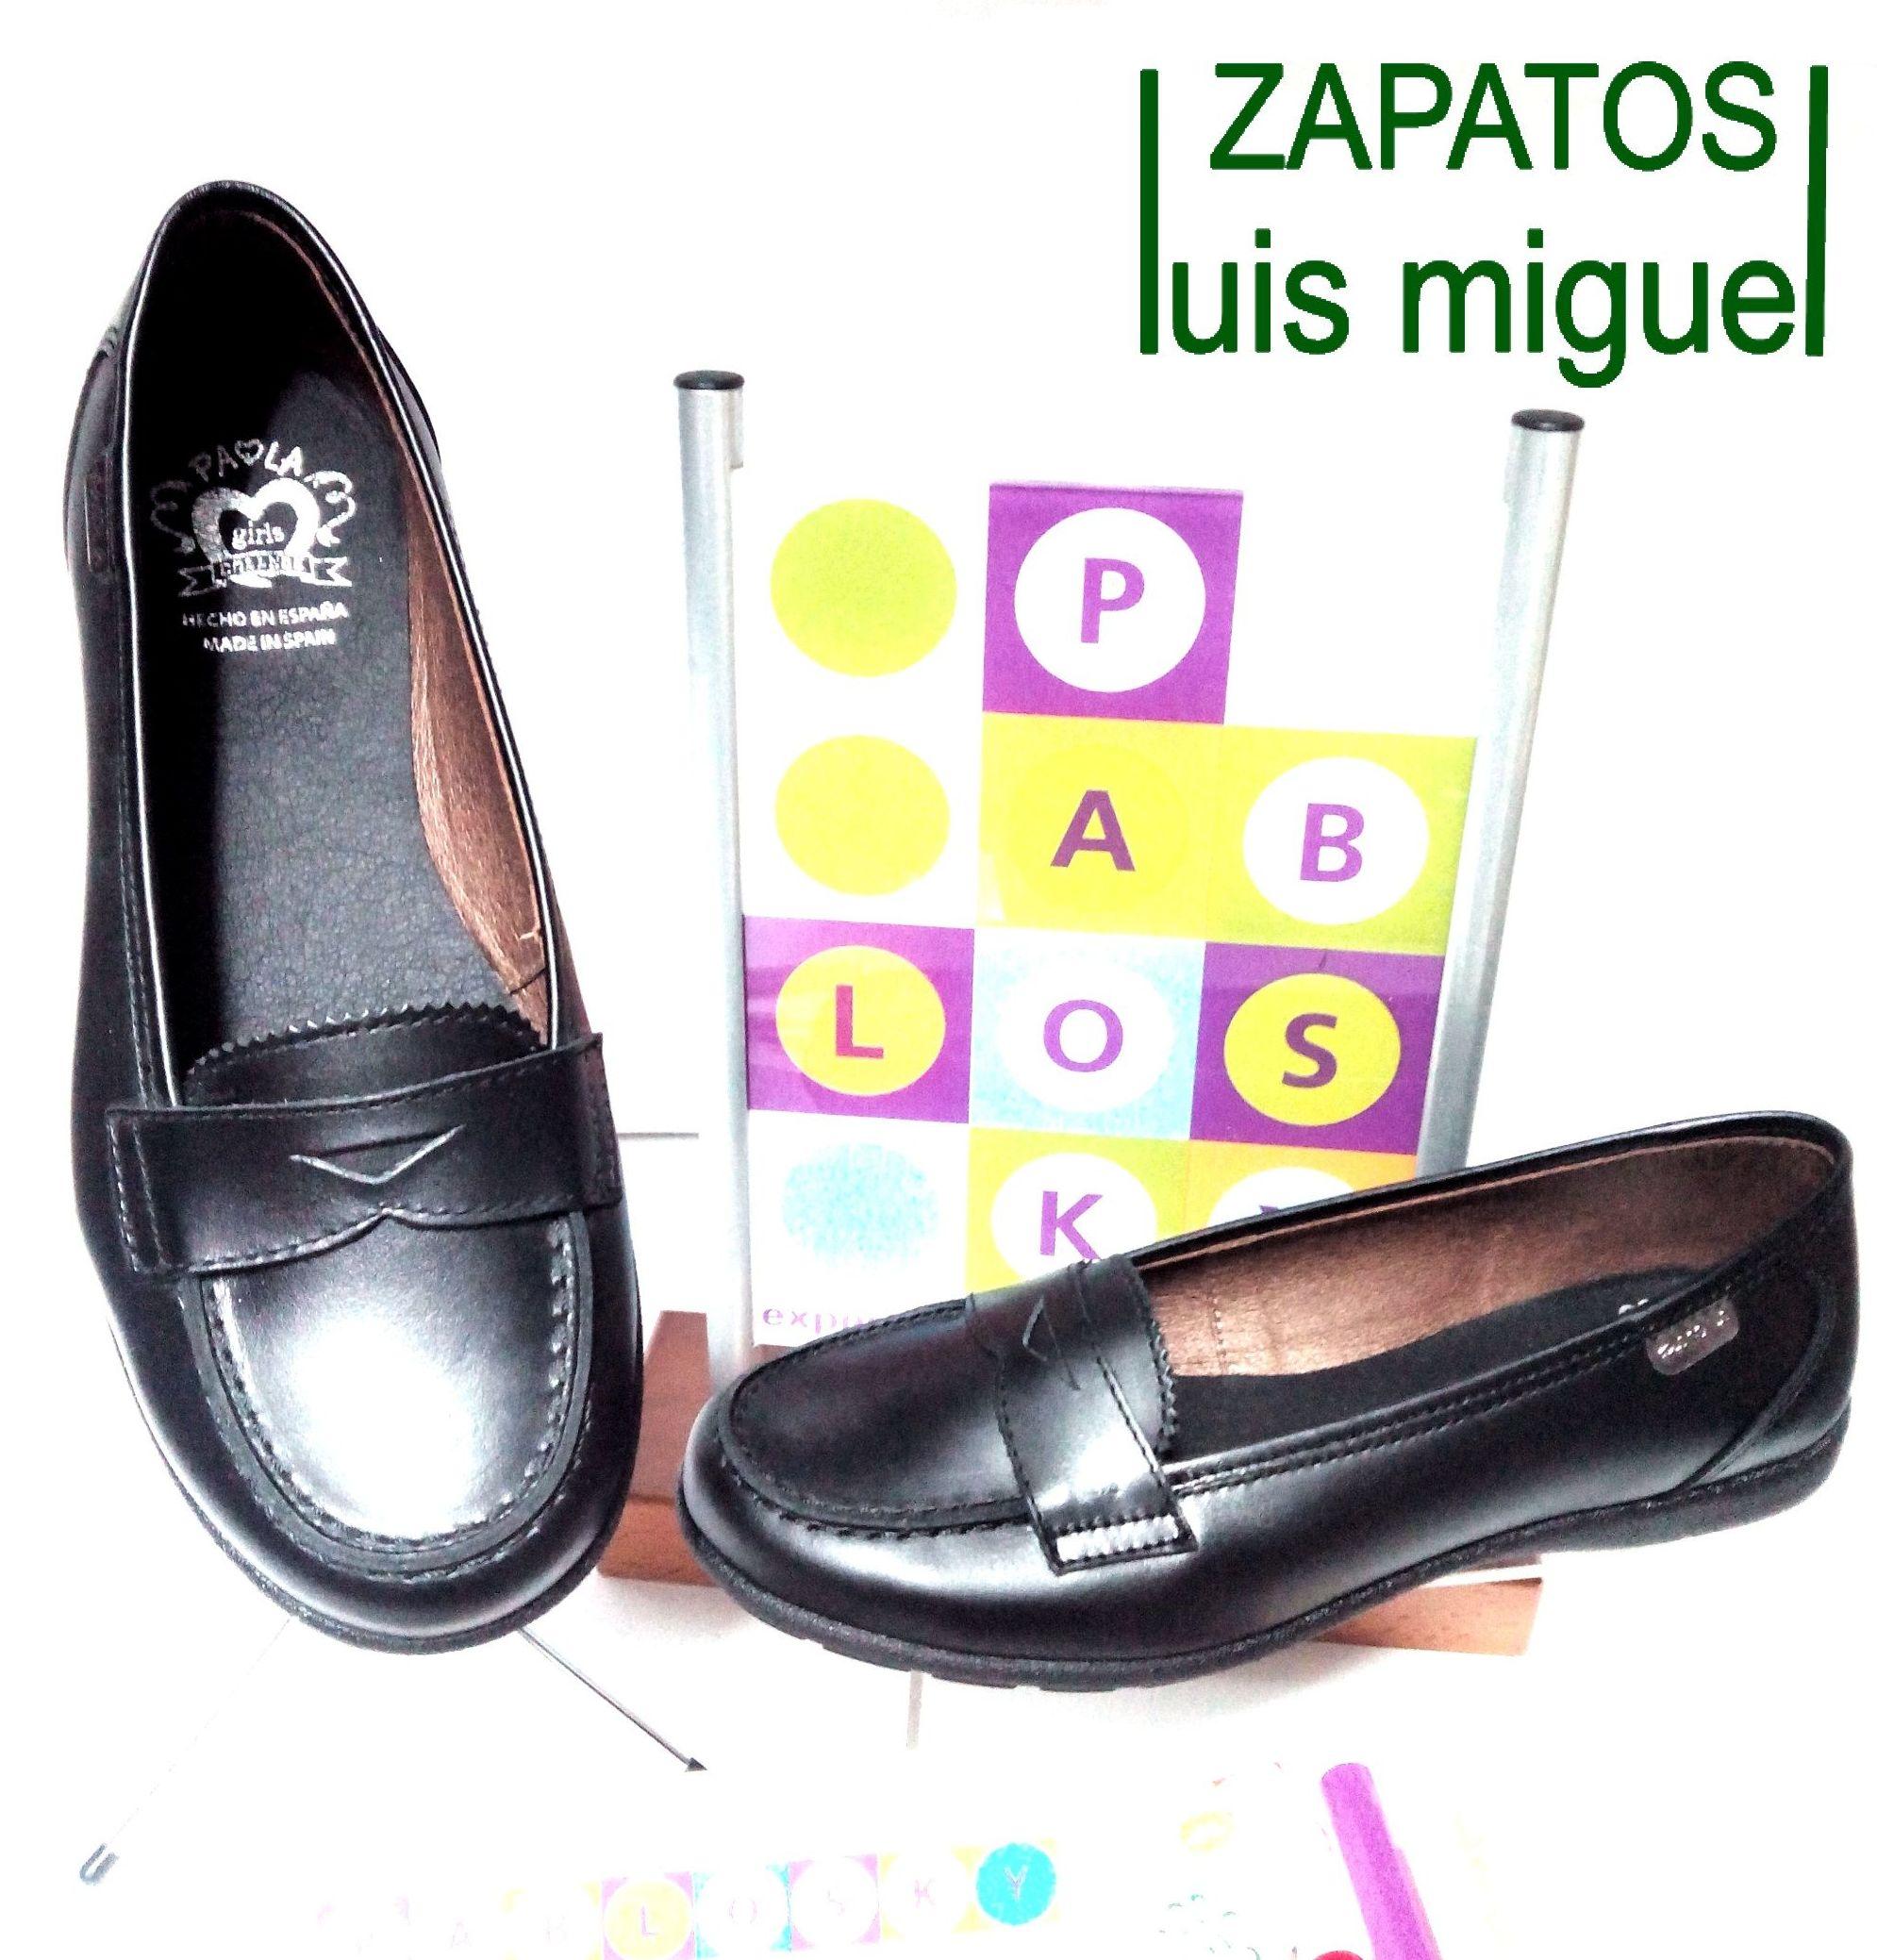 zapato de colegial: Catalogo de productos de Zapatos Luis Miguel